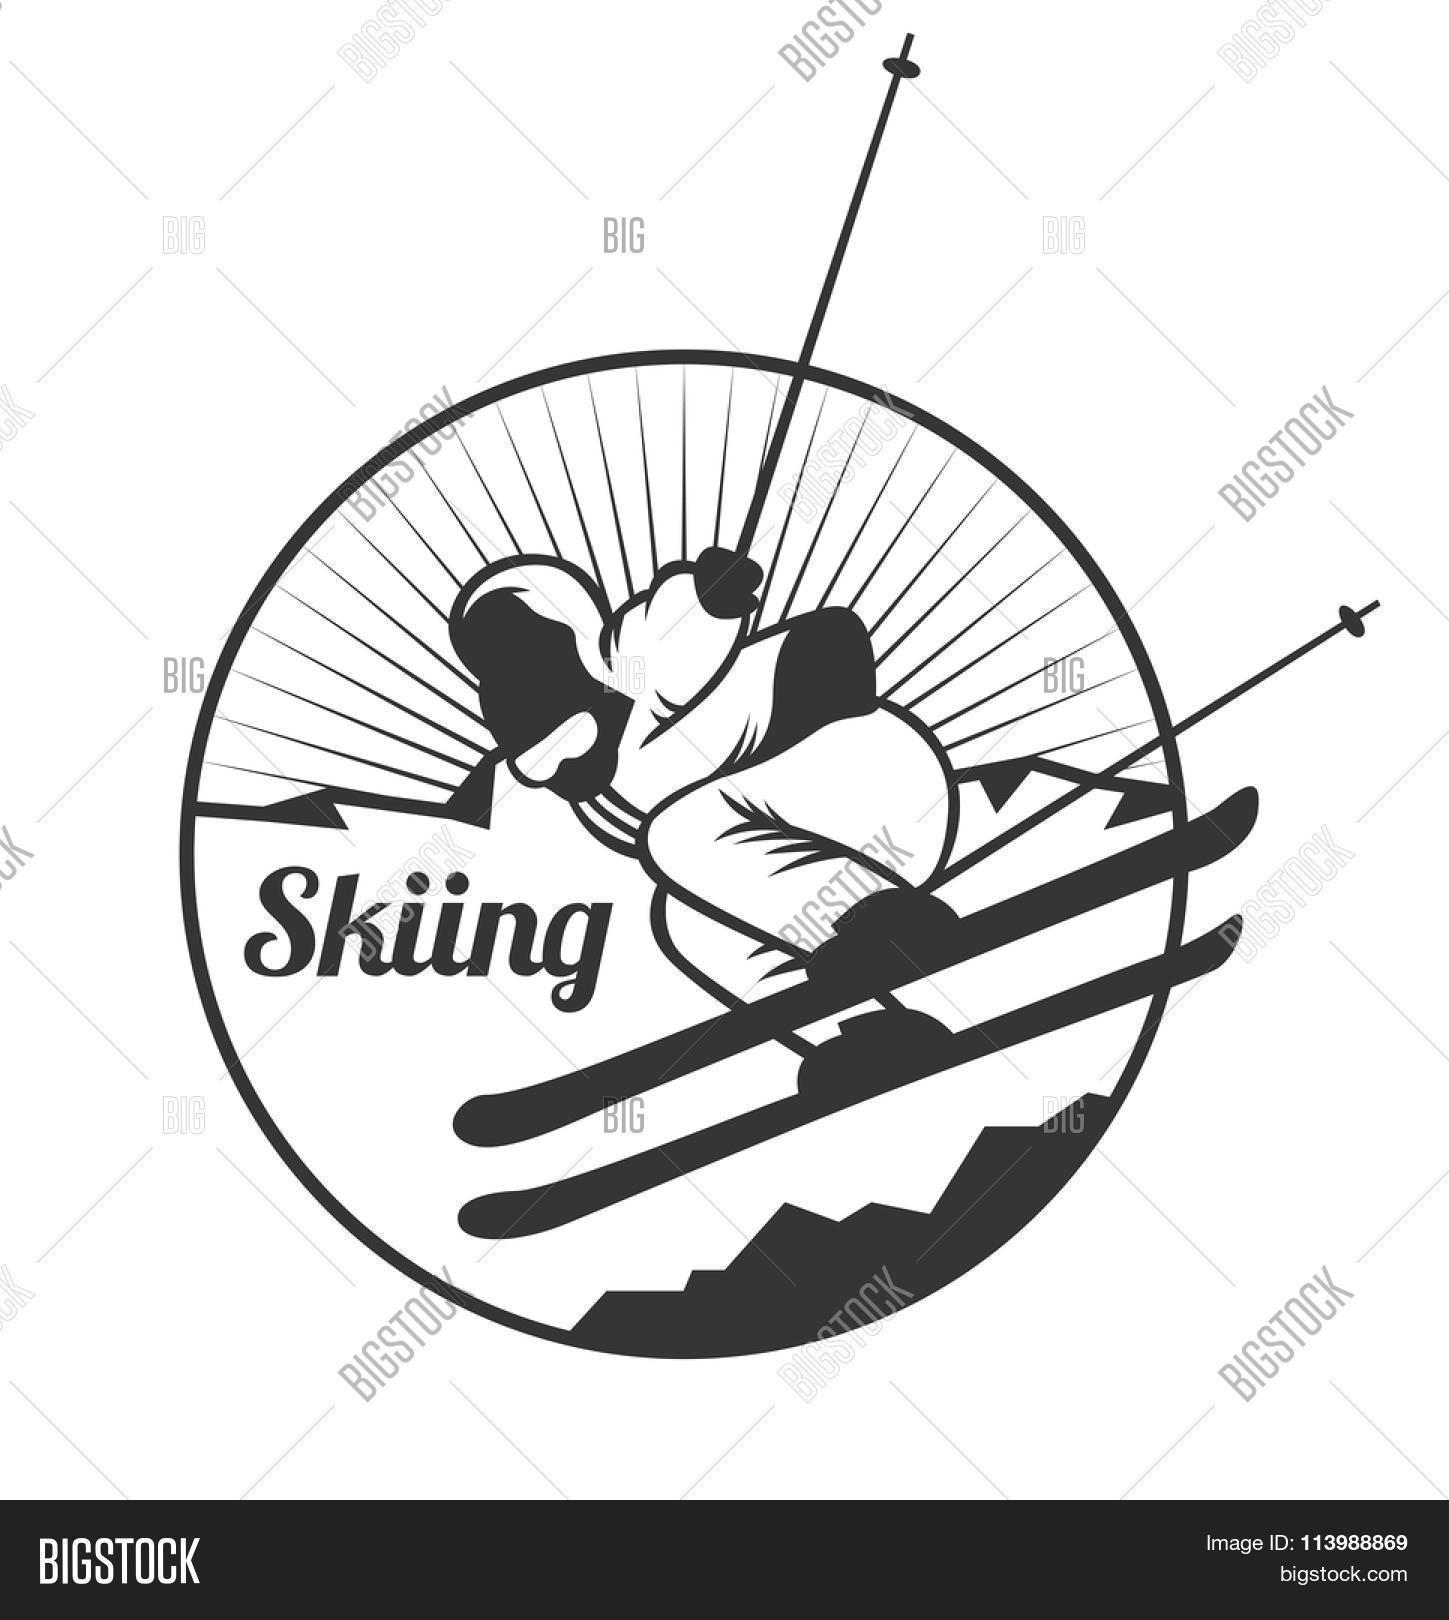 Ski Resort Logo Emblems Labels Badges Vector Elements